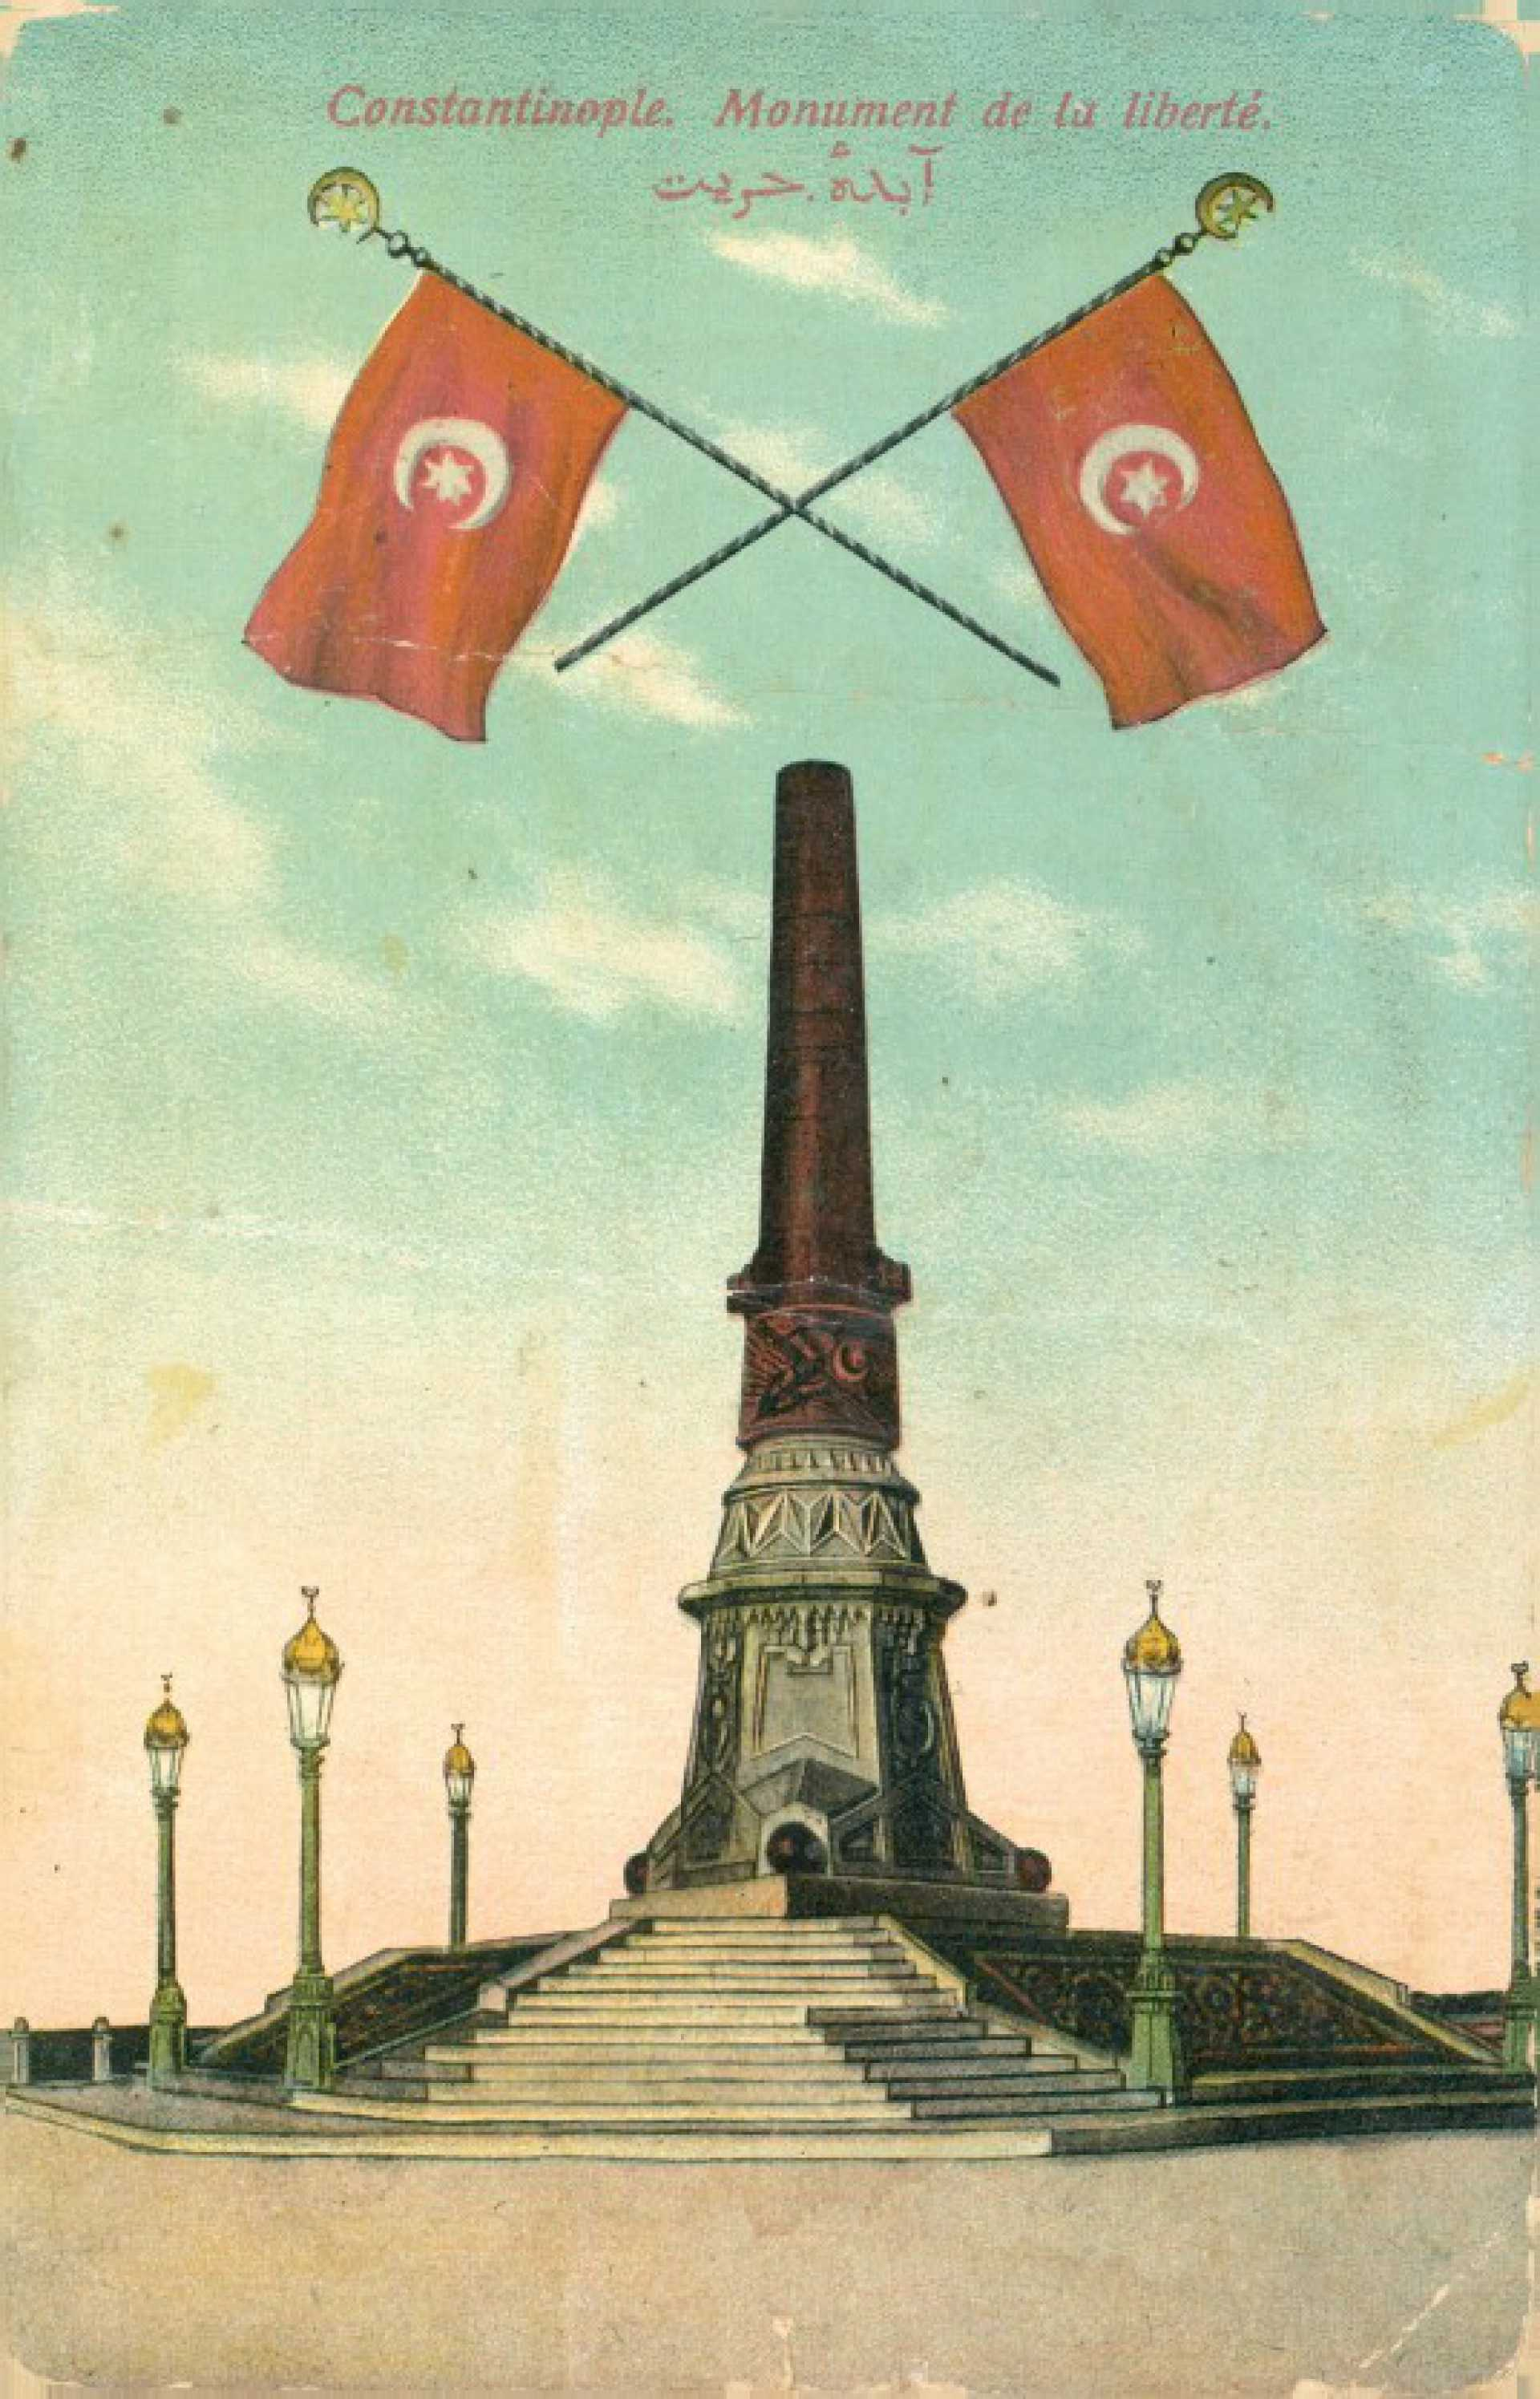 Monument de la liberte